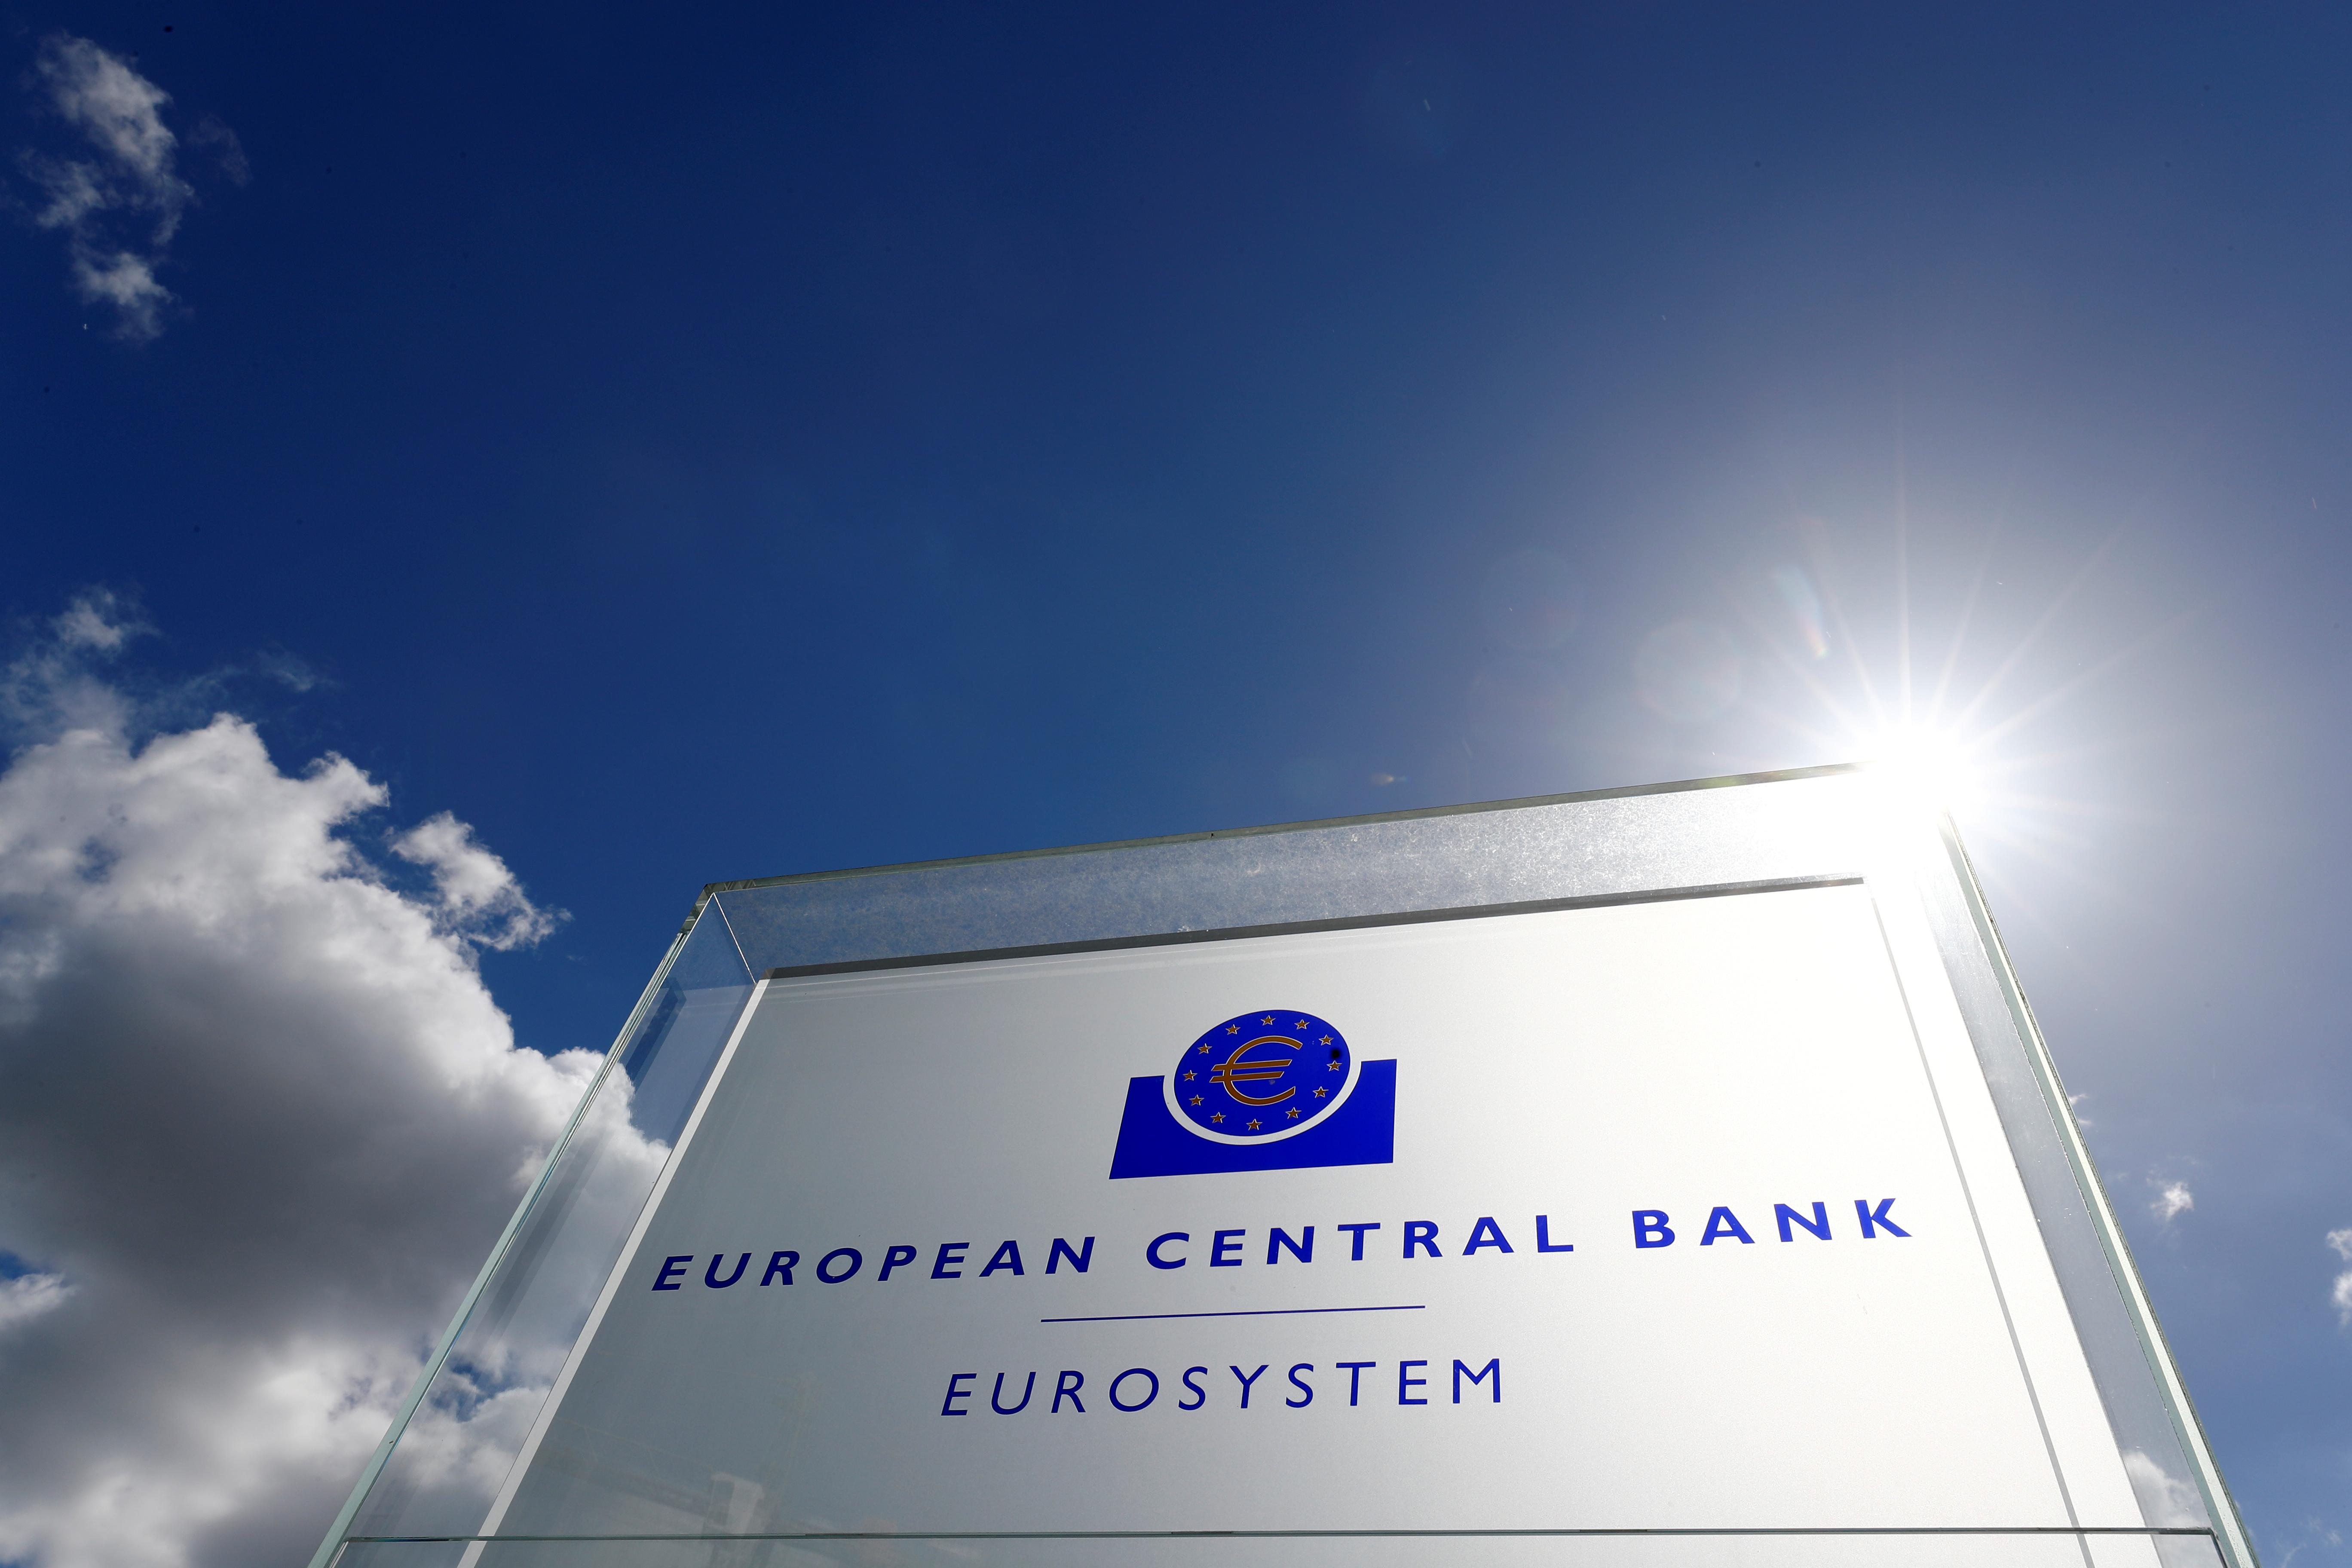 la-bce-favorable-a-une-fusion-entre-deutsche-bank-et-une-autre-banque-europeenne